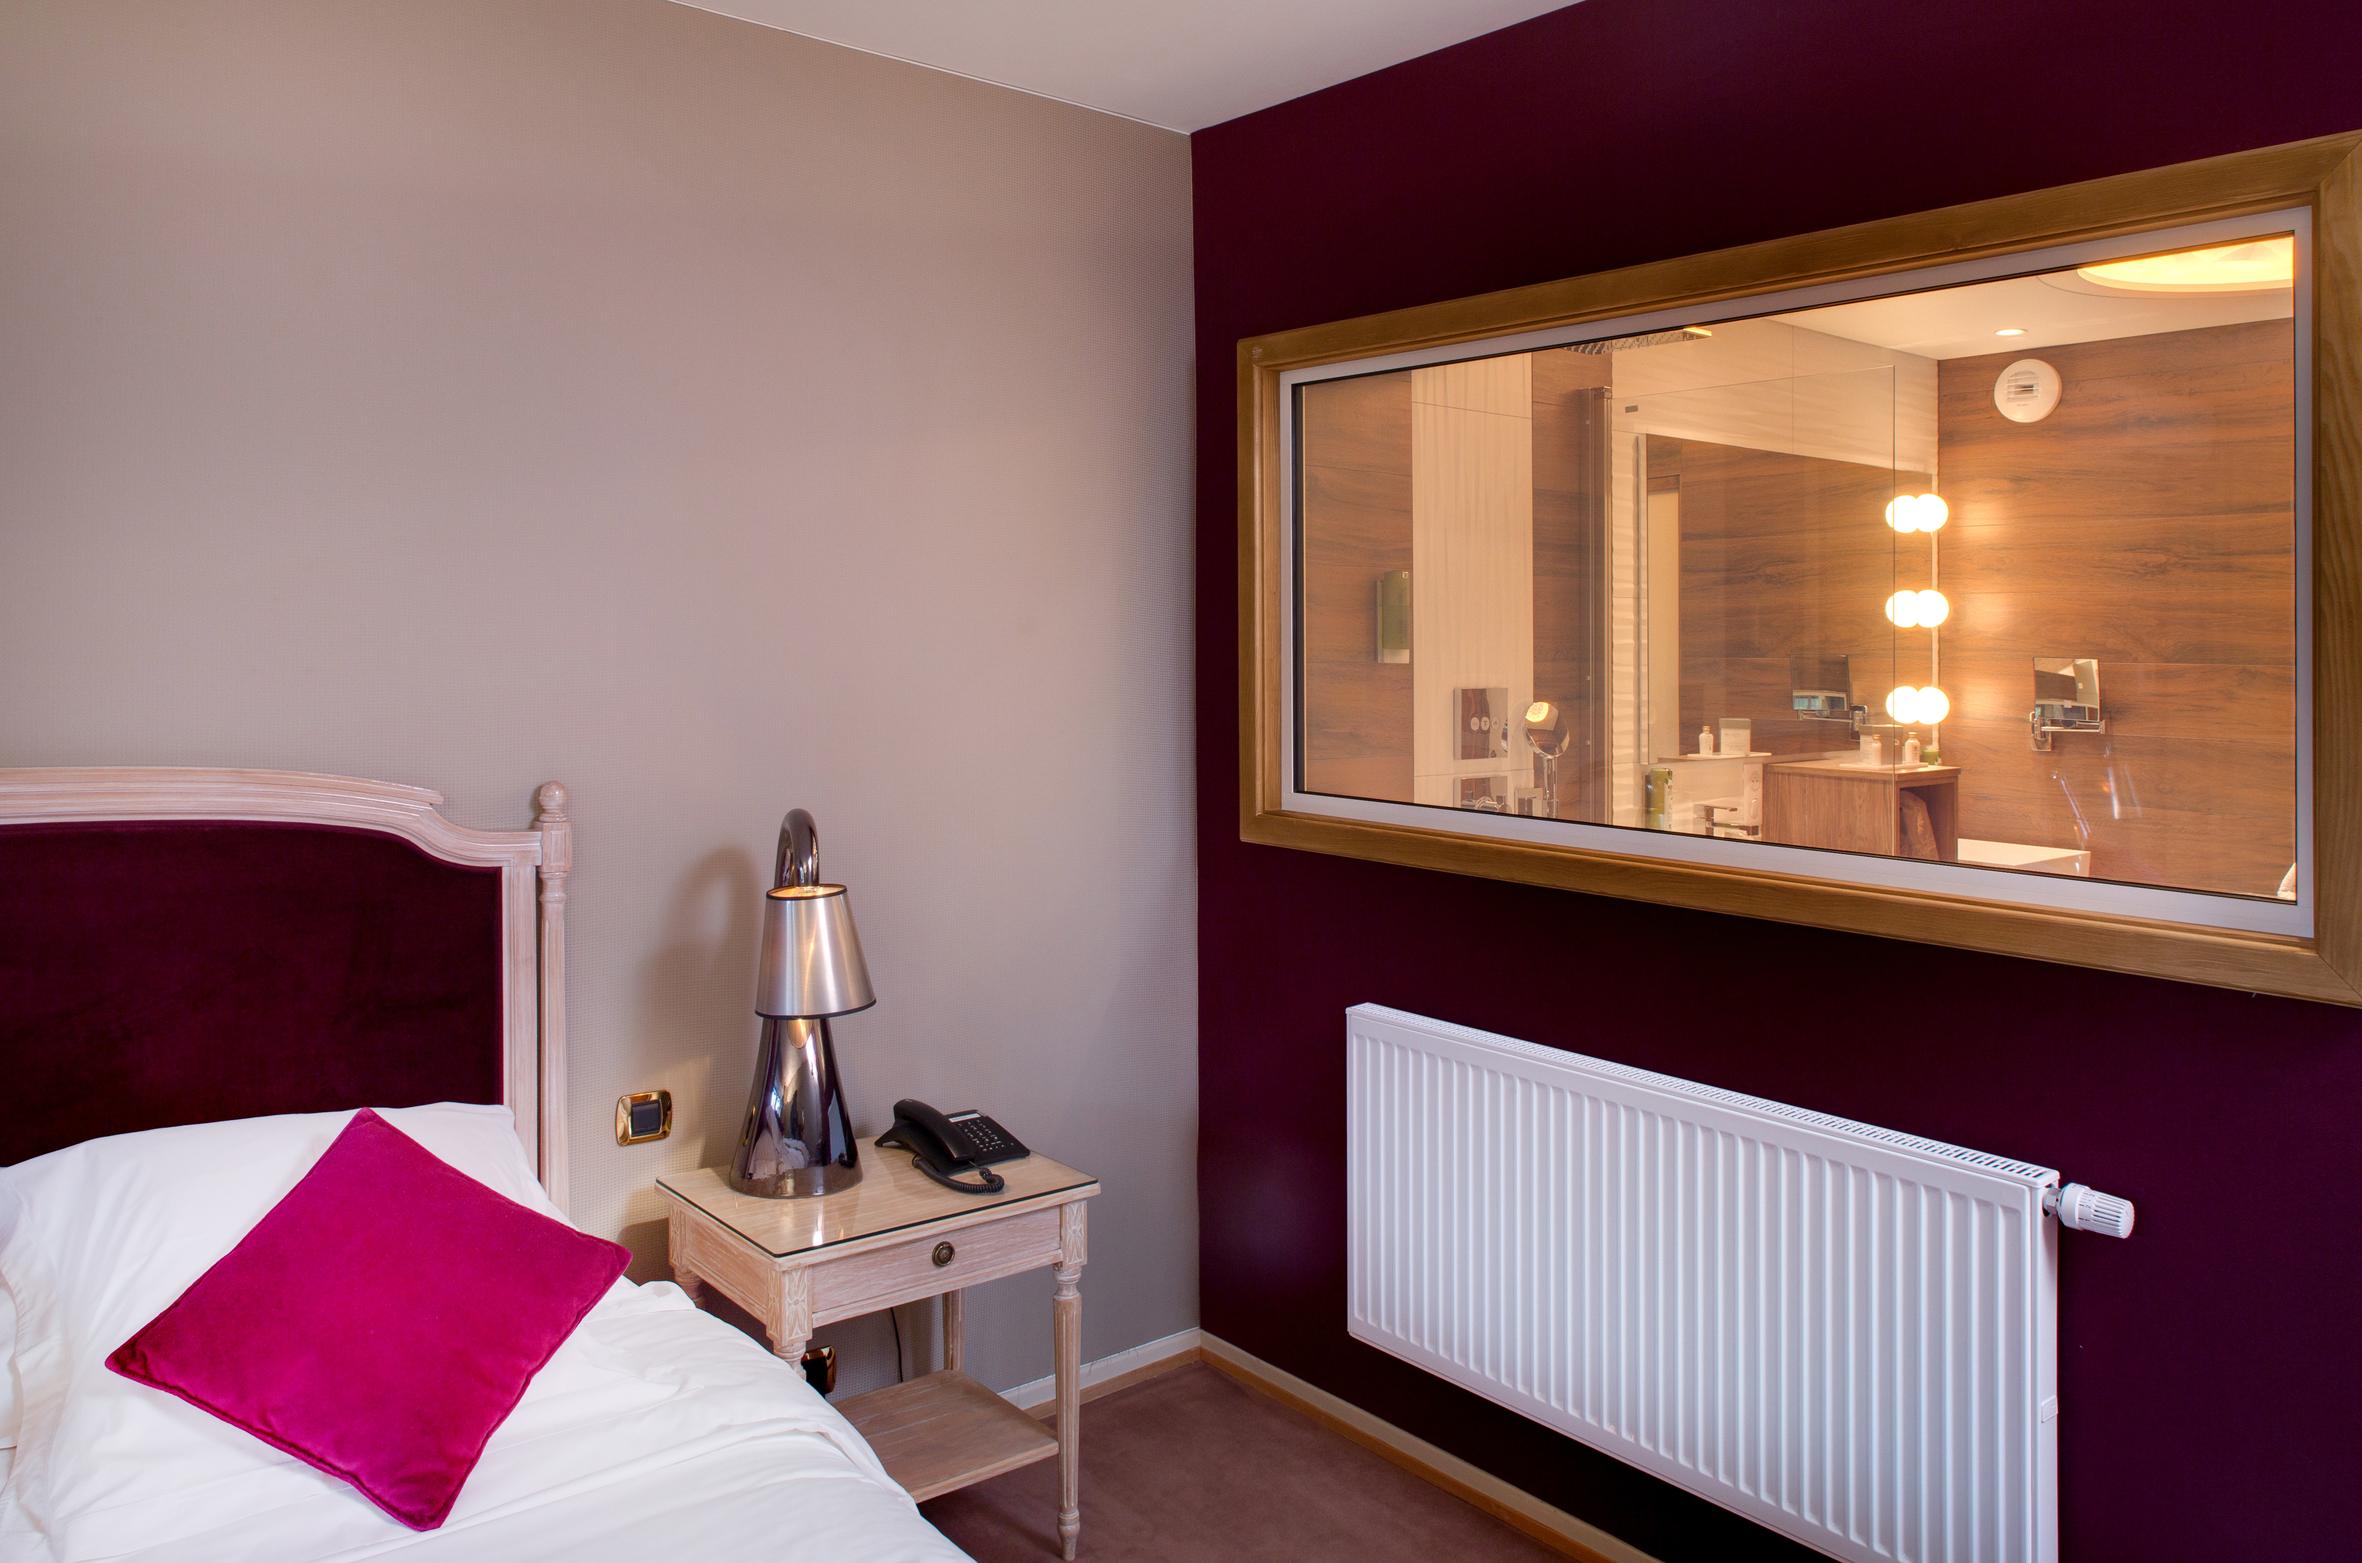 Charming rooms in the Hotel La Cheneaudi¨re & Spa